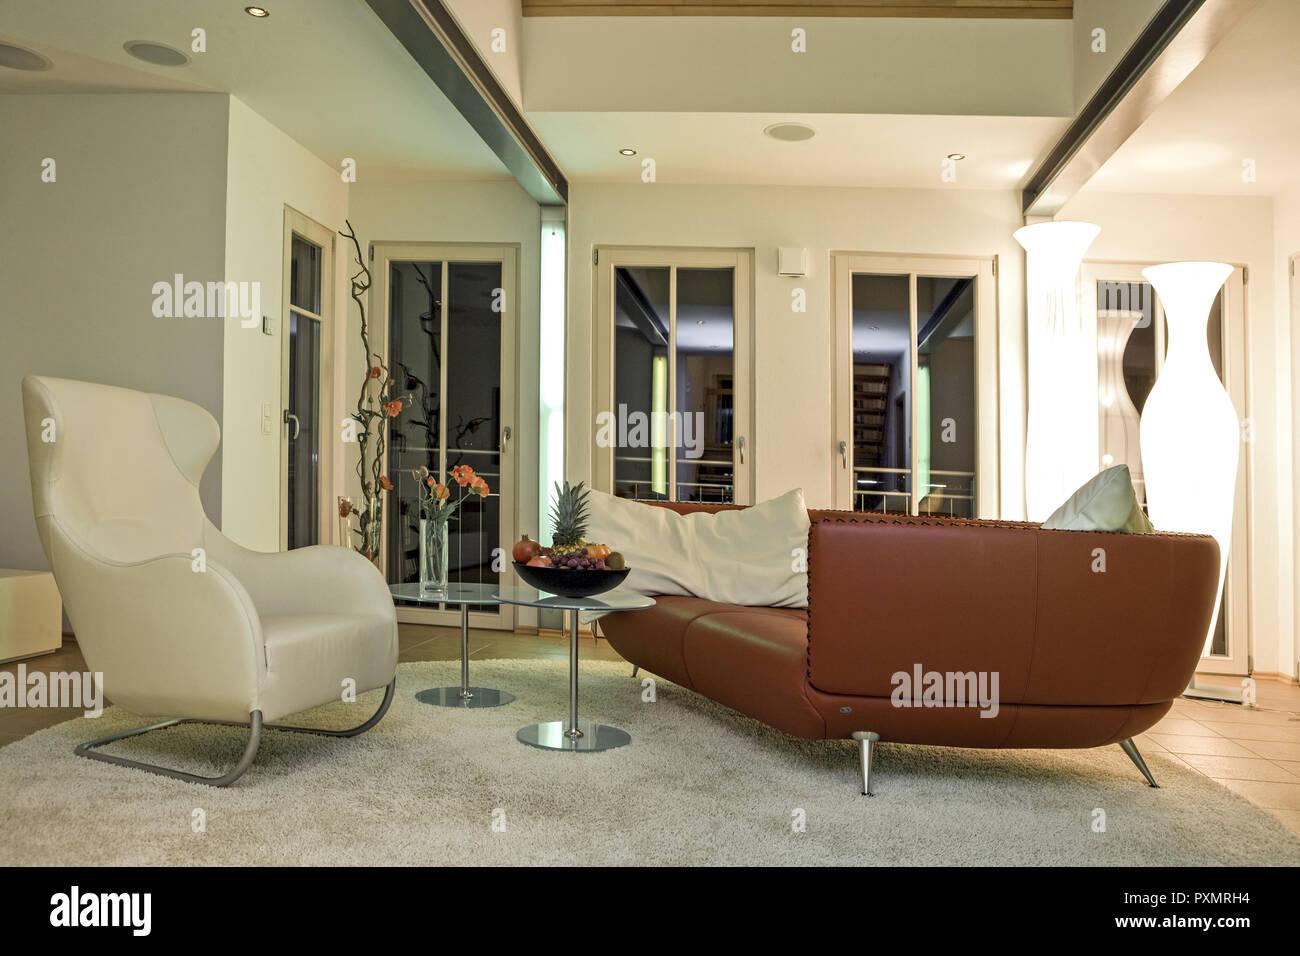 Decoration Interieur Stock Photos & Decoration Interieur ...